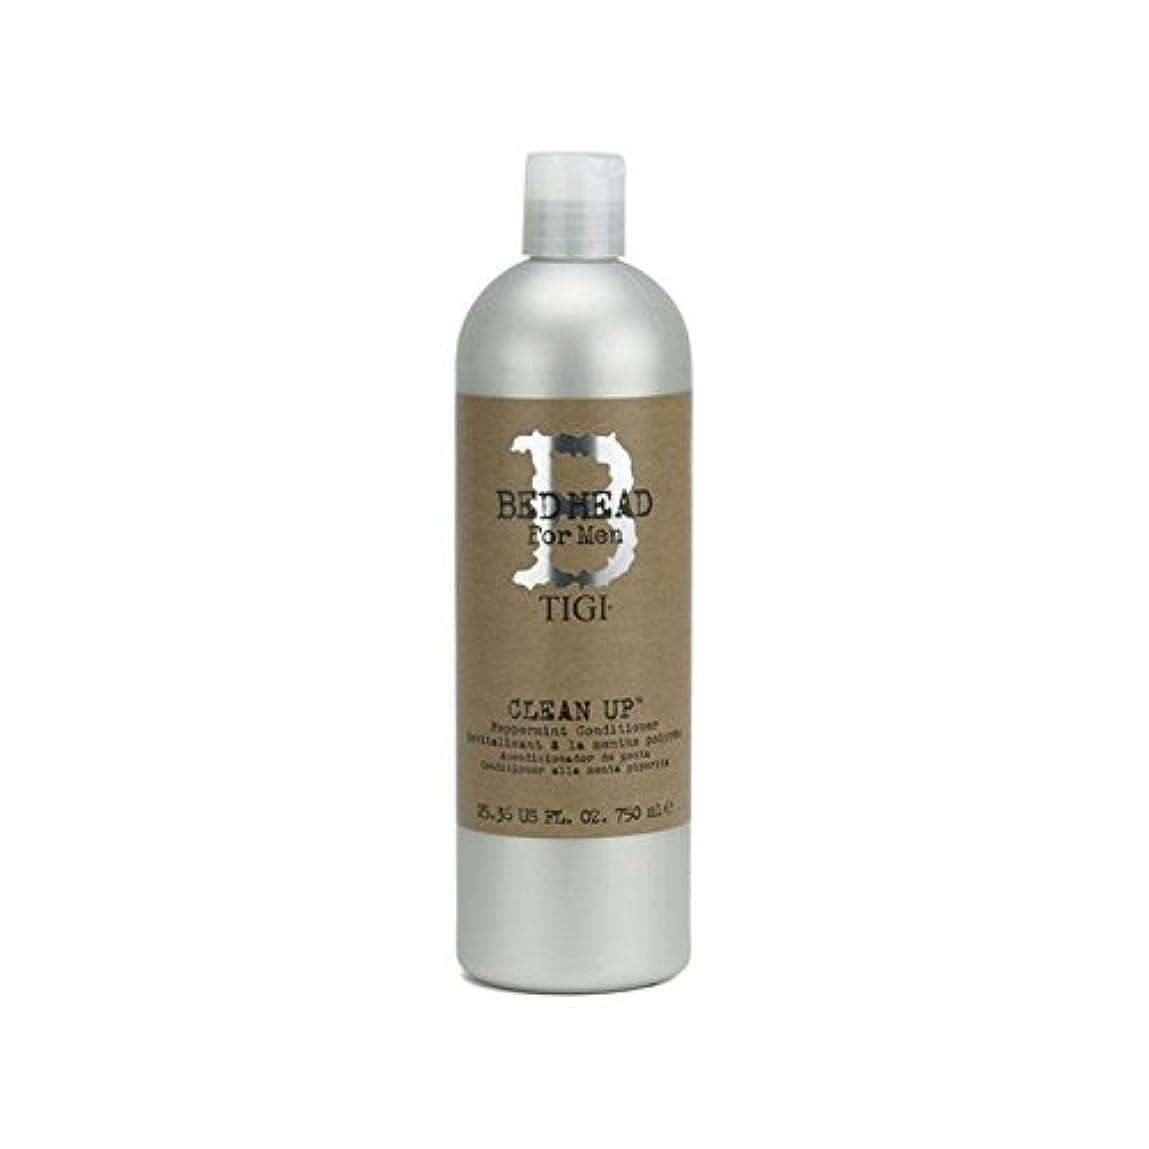 鉱石同盟魅力Tigi Bed Head For Men Clean Up Peppermint Conditioner (750ml) (Pack of 6) - ペパーミントコンディショナーをクリーンアップする男性のためのティジーベッドヘッド...